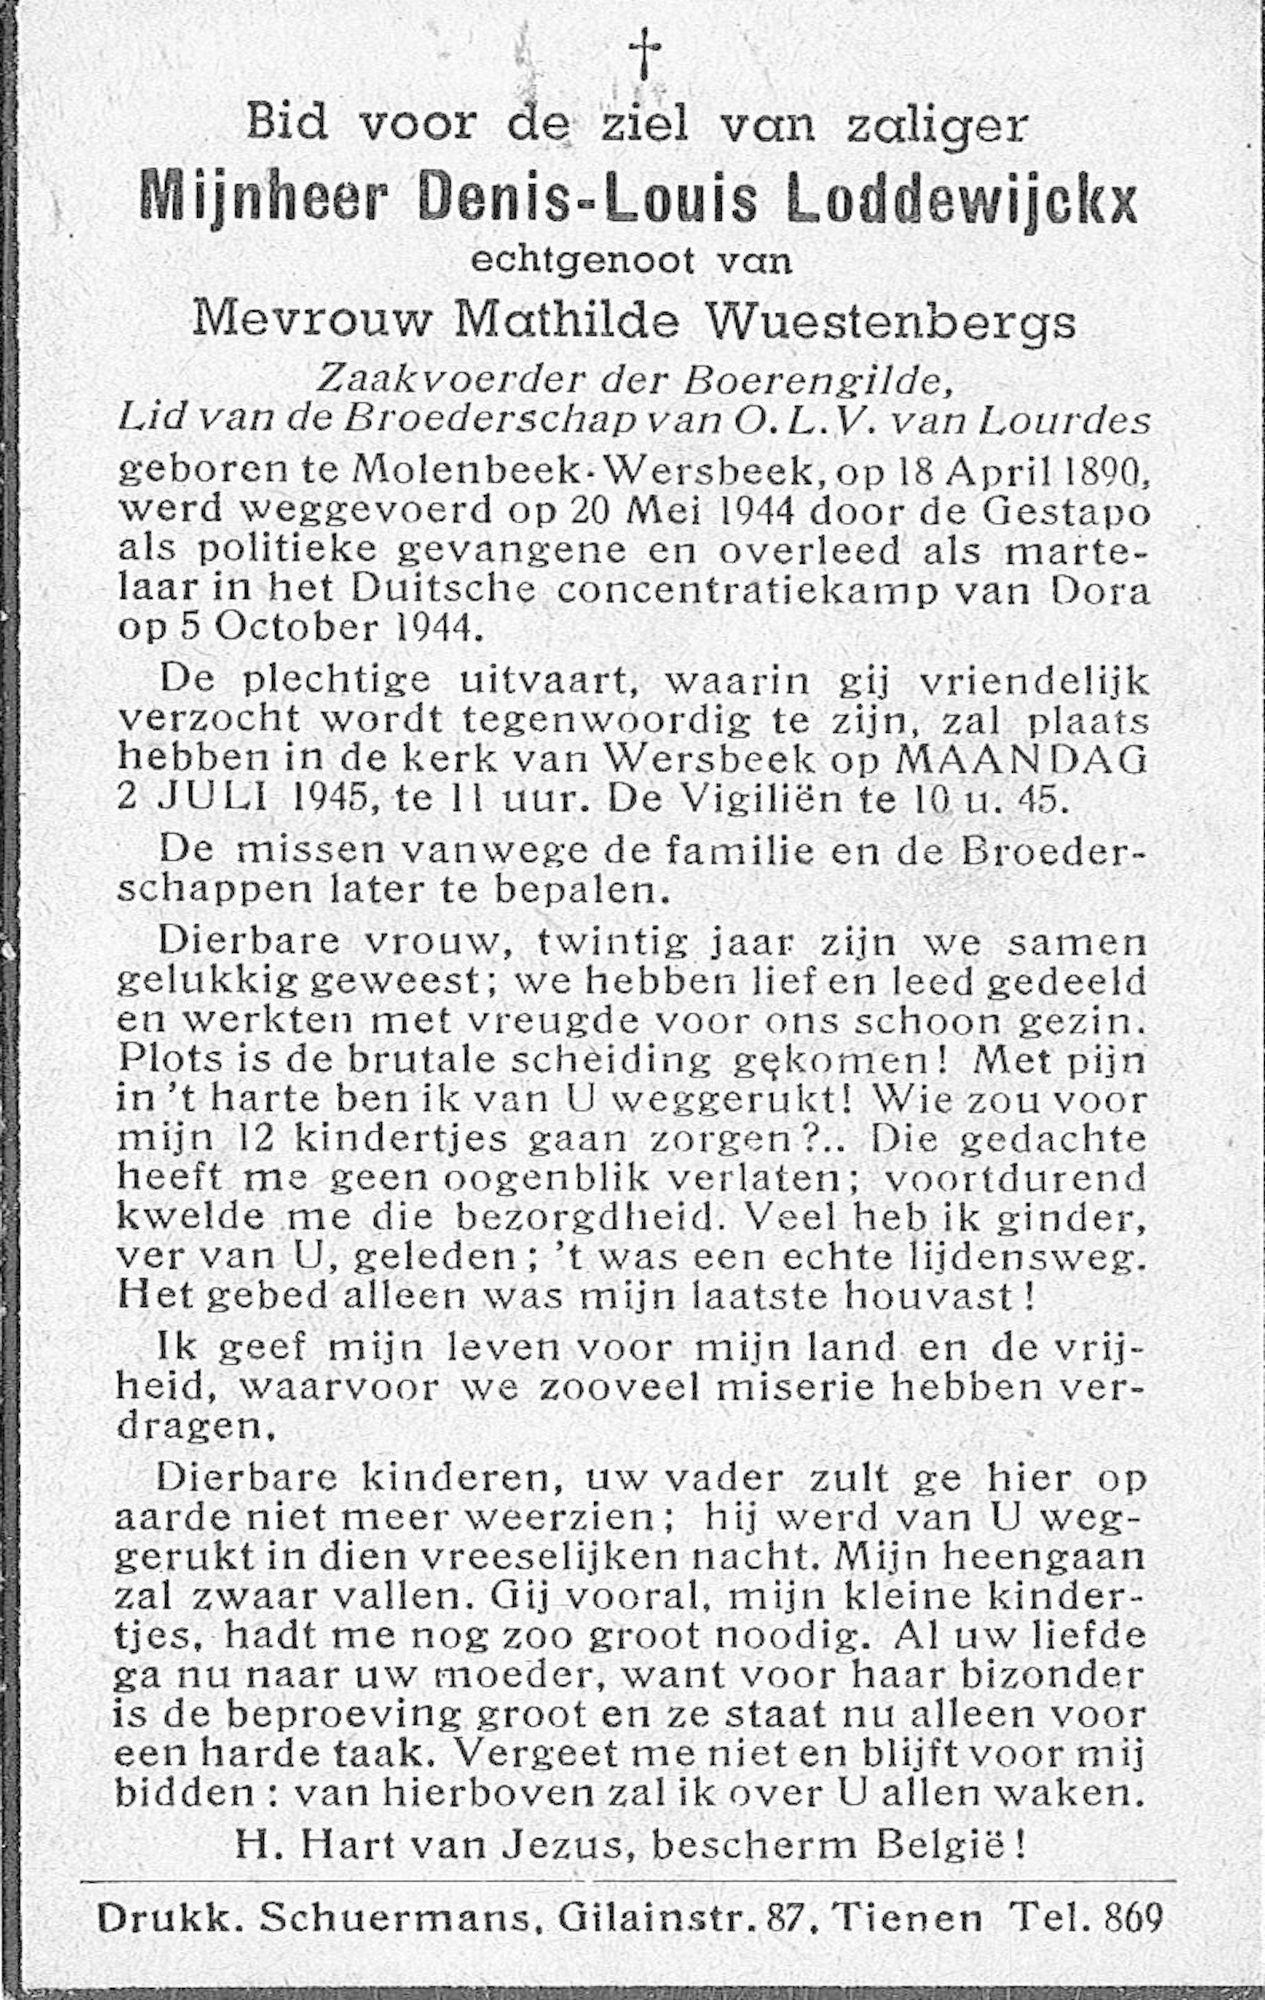 Denis-Louis Loddewijckx